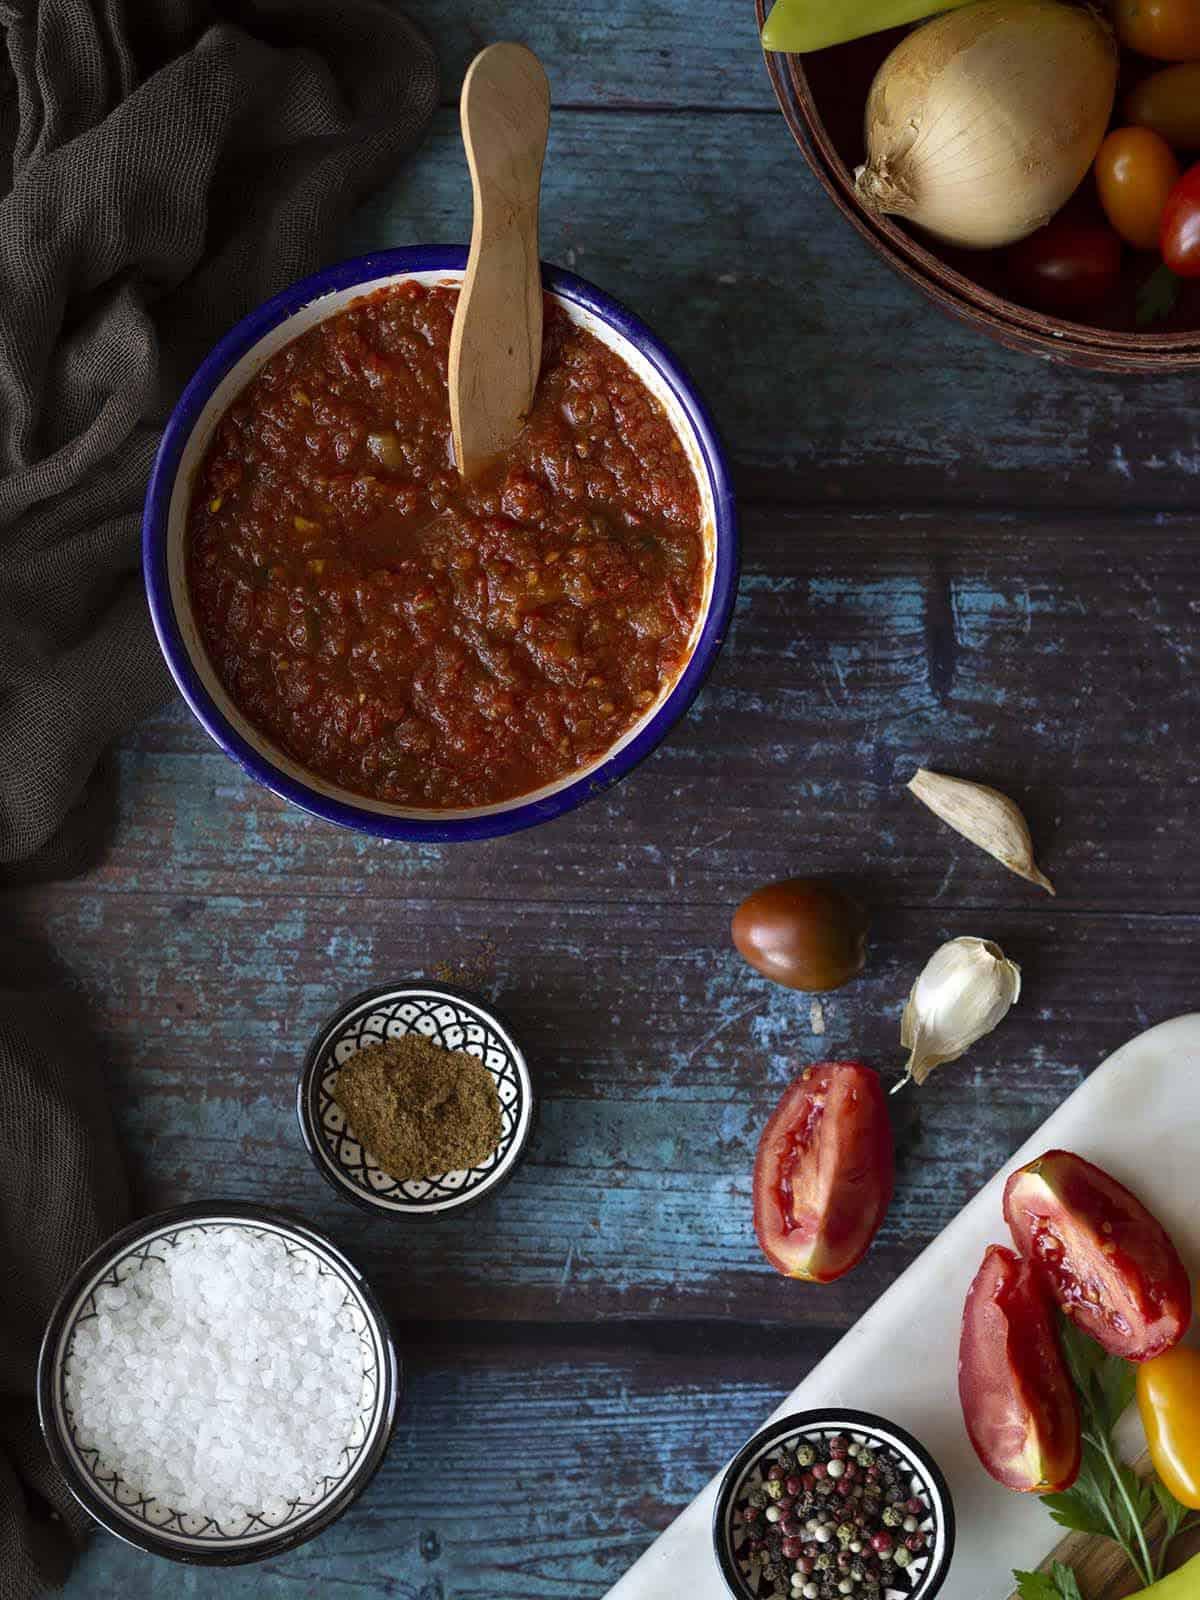 σάλτσα ντομάτας σε βαζα